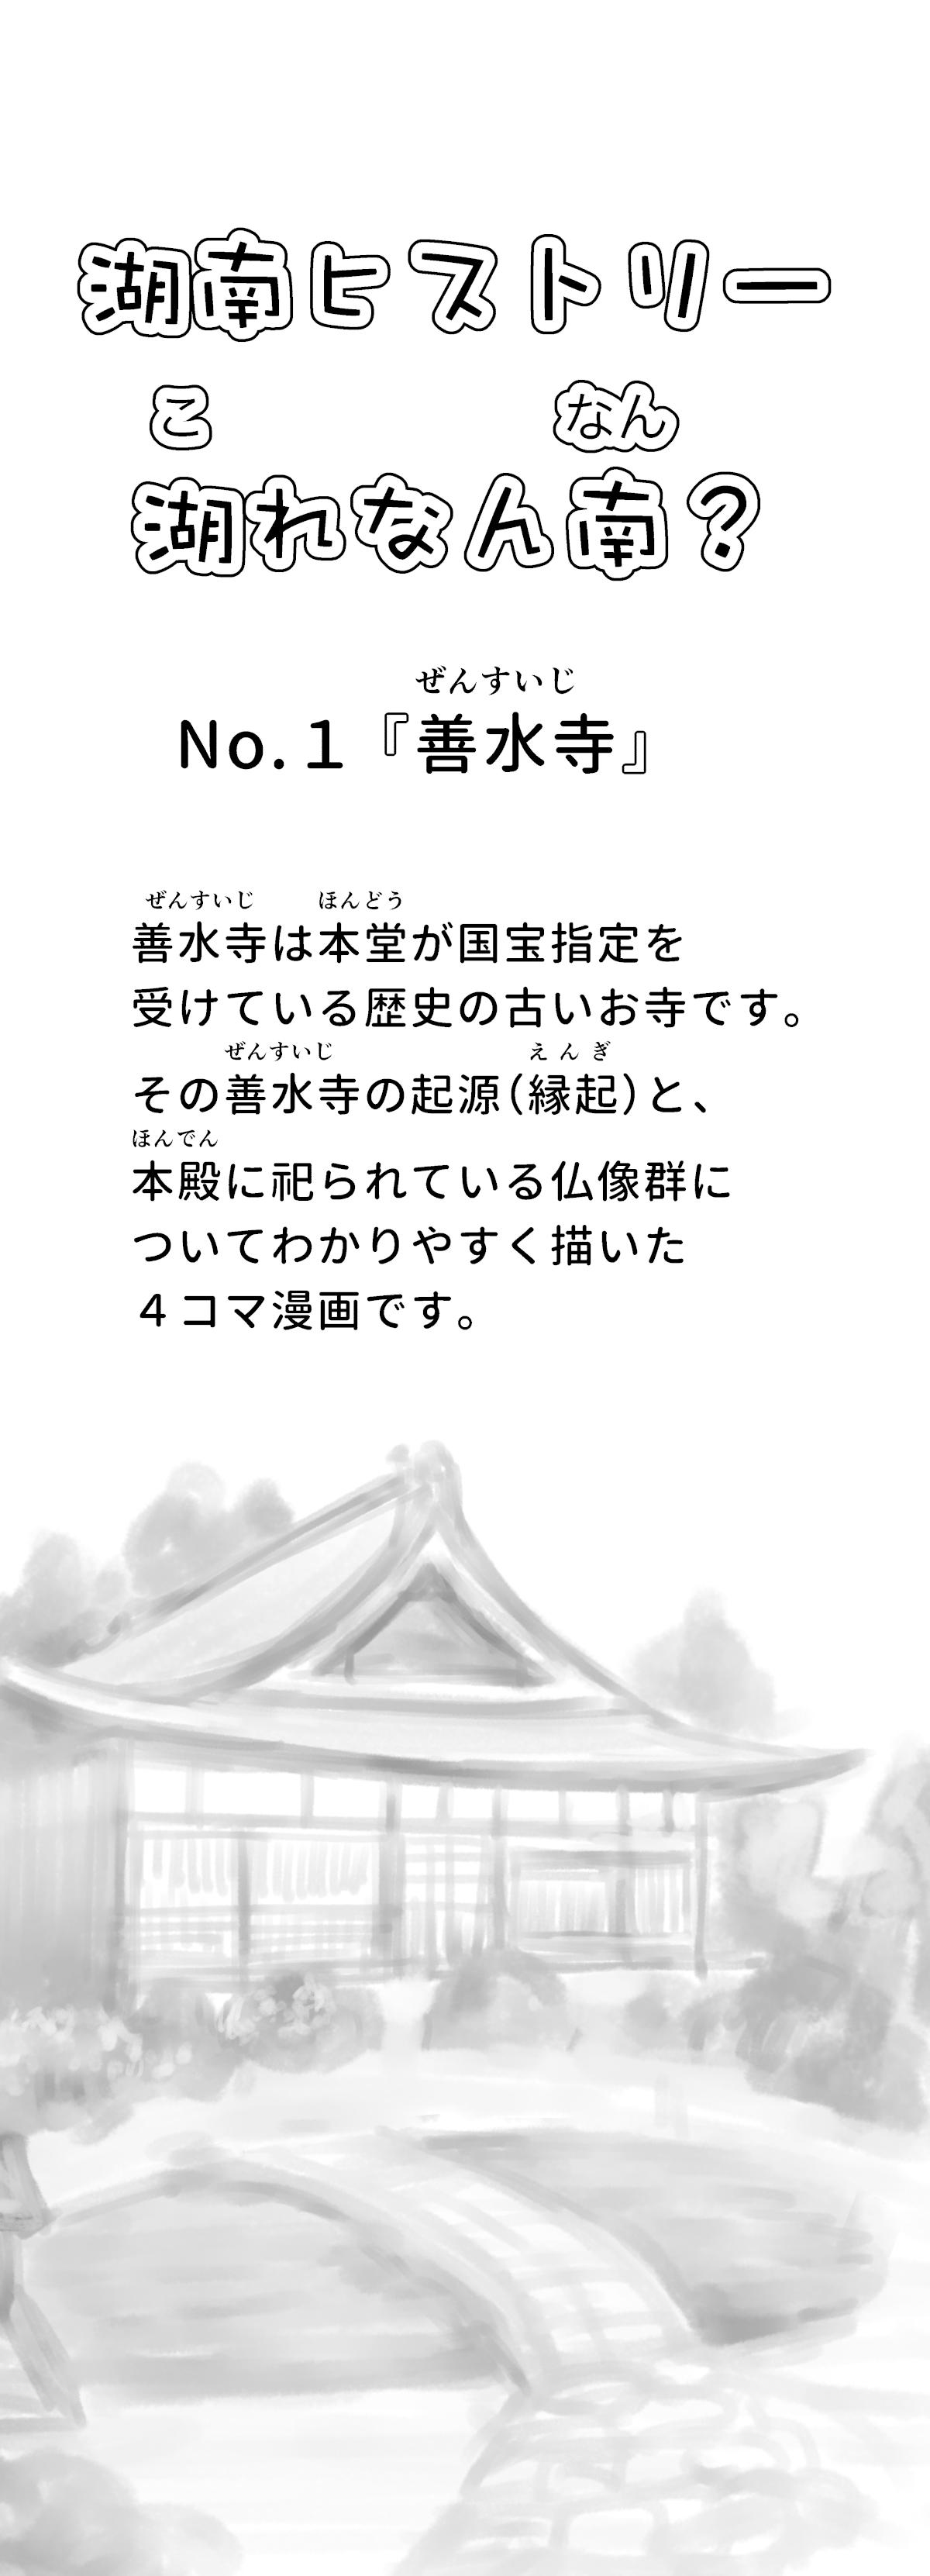 善水寺_001